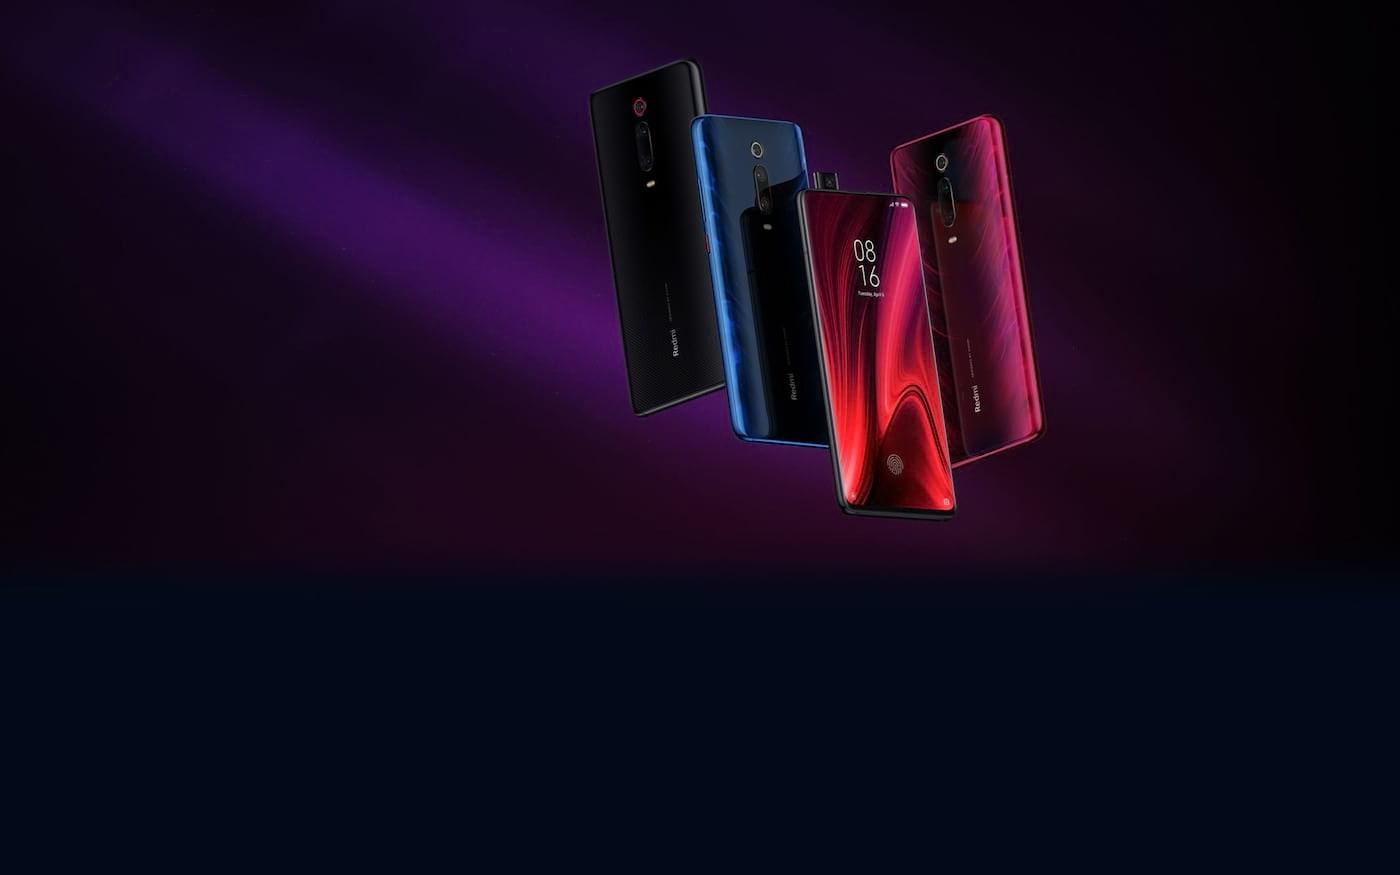 Redmi K30 suportará 5G